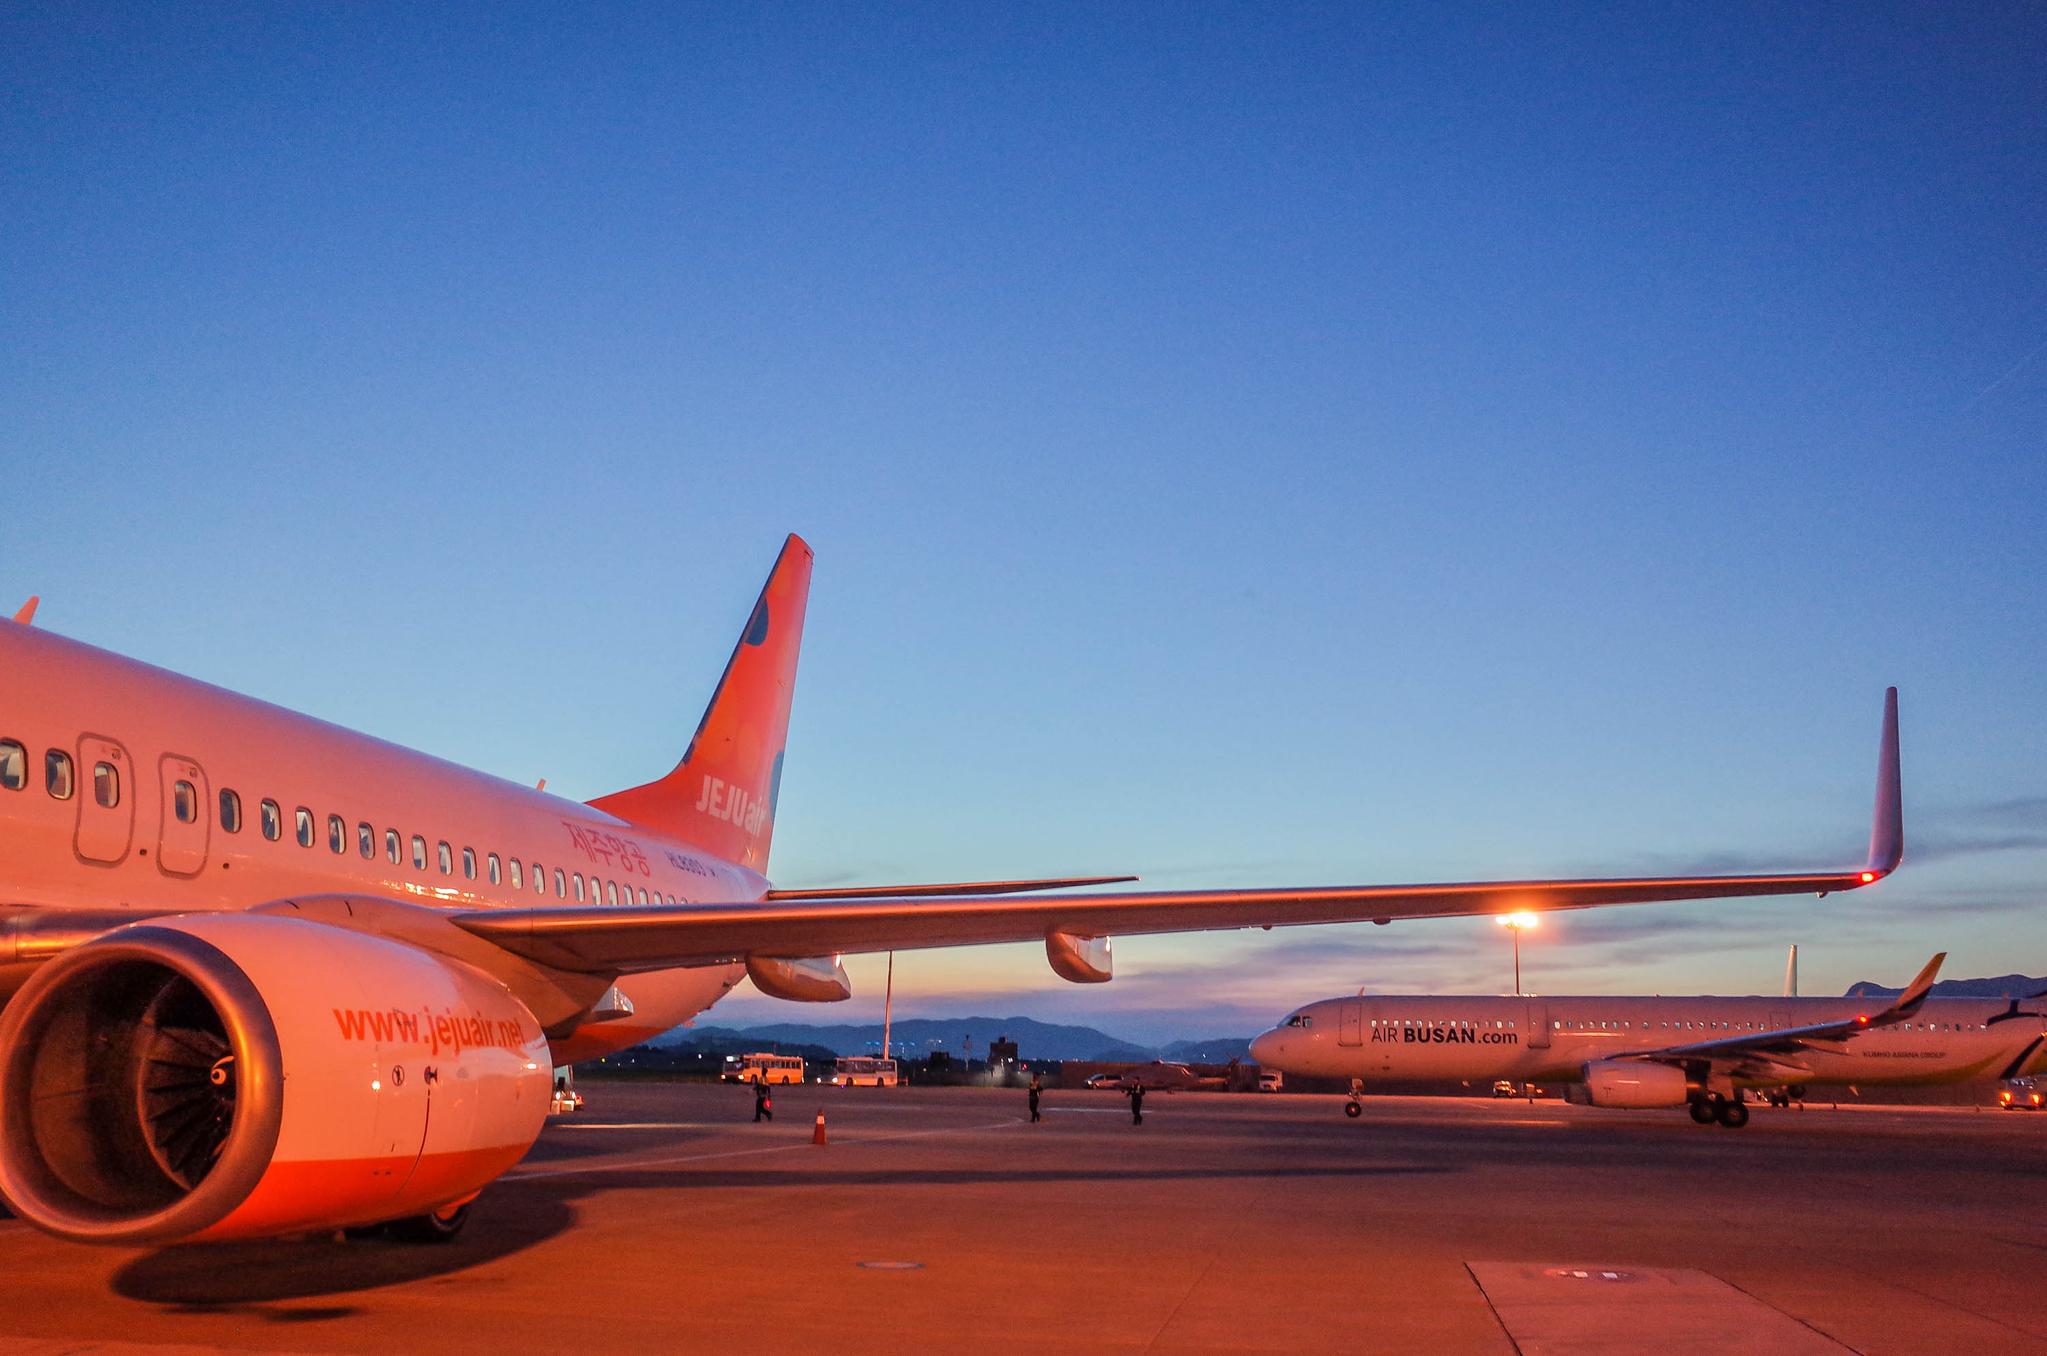 김포공항은 심야시간에 도착하는 항공기는 착륙할 수 없다. [블로그 그림그리며 사진찍는 여자일상 캡처]